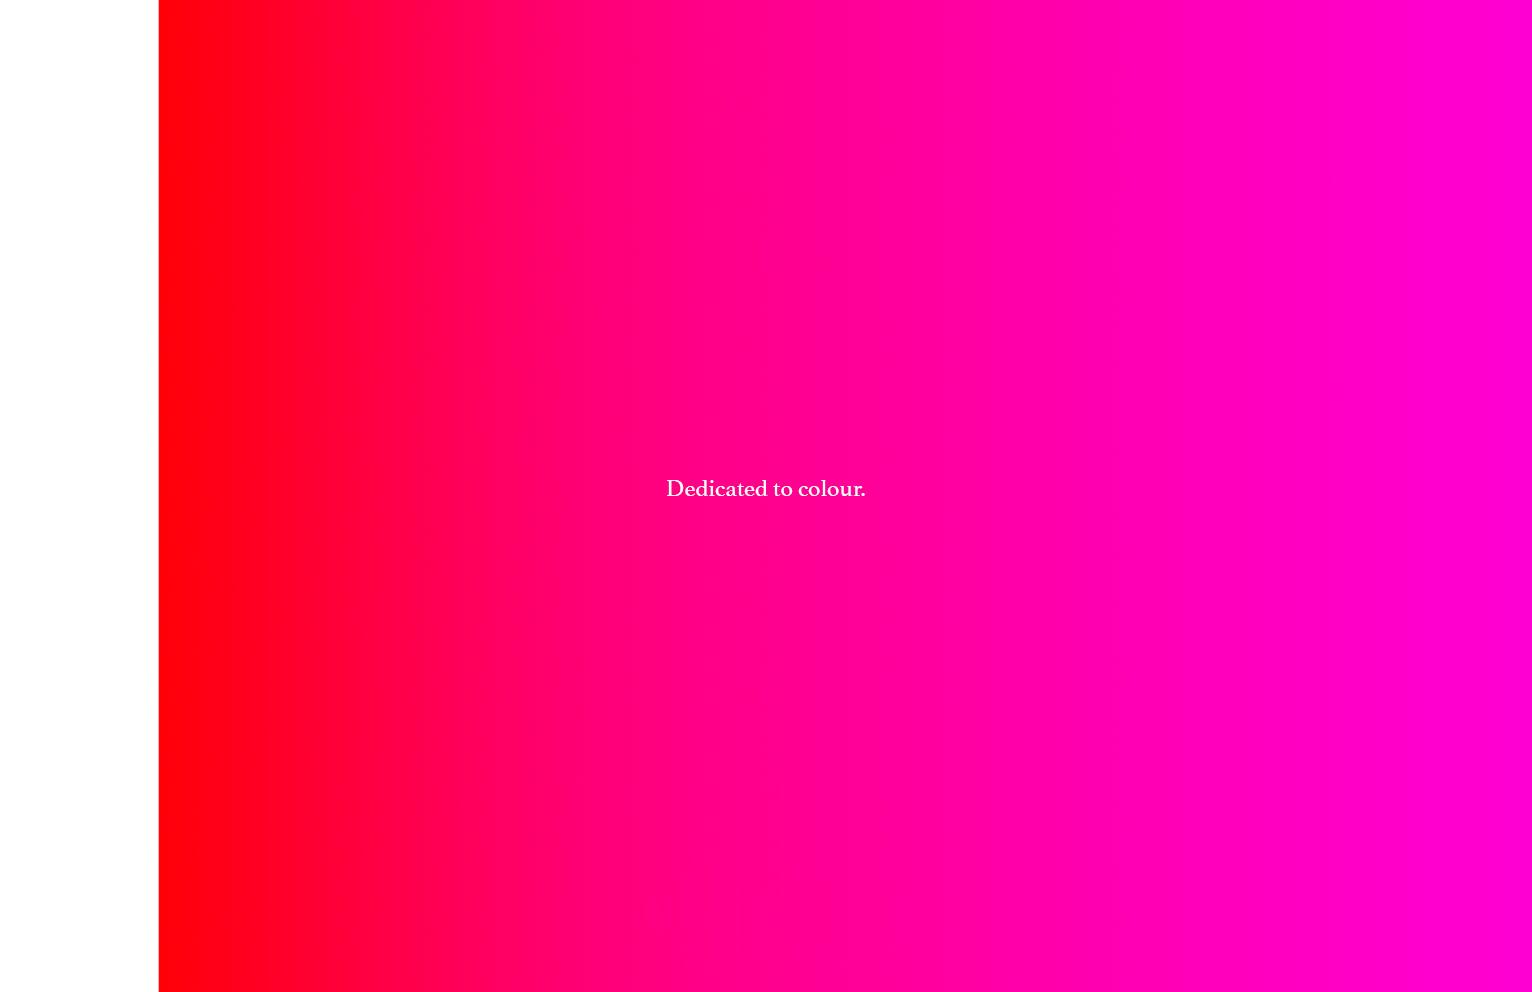 53Dedicated to Colour©Anka Bardeleben+typo.jpg